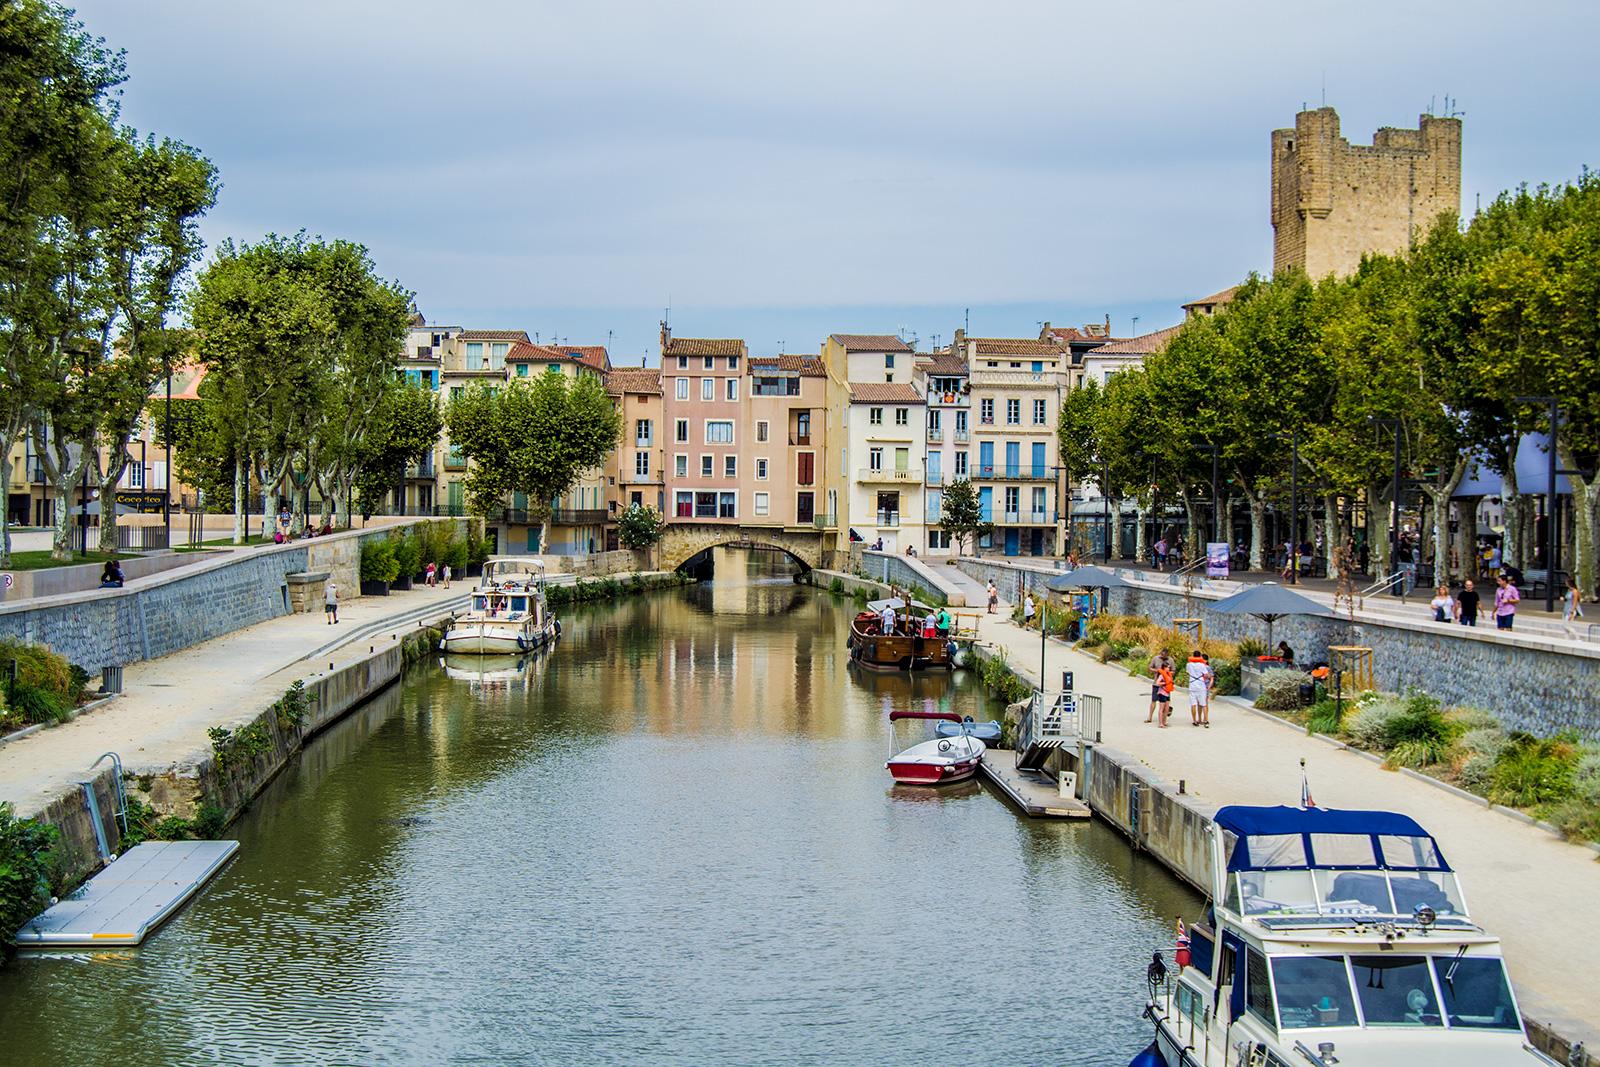 Puente de los mercaderes - qué ver en Narbona